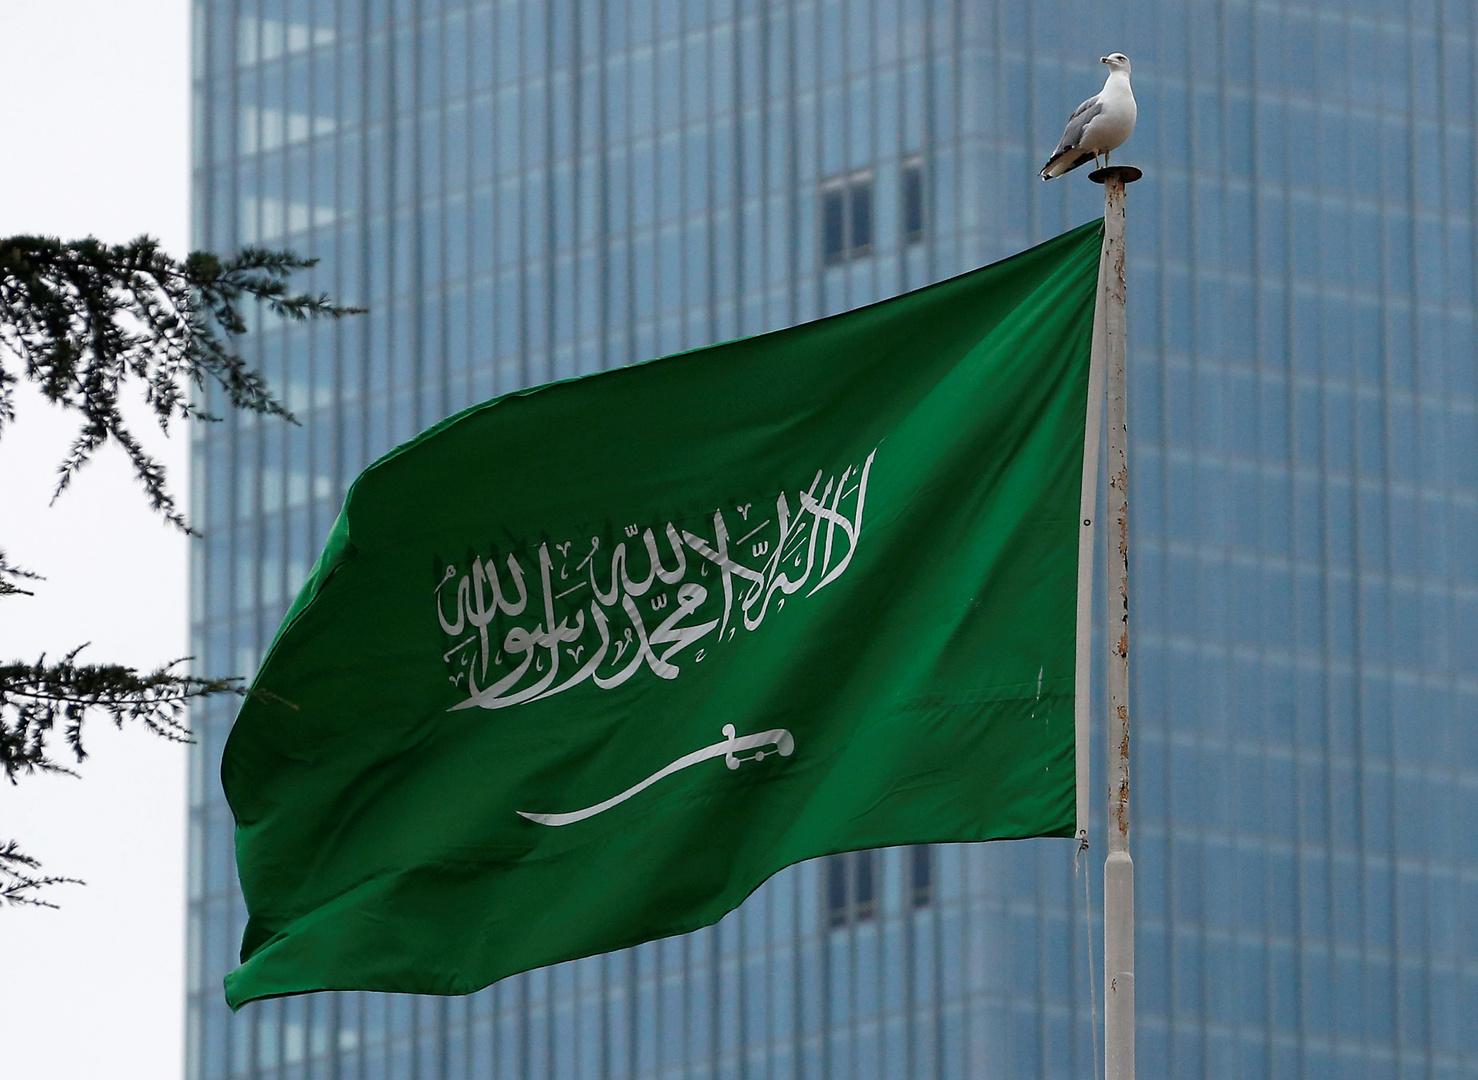 السعودية تعلق على أحداث القدس